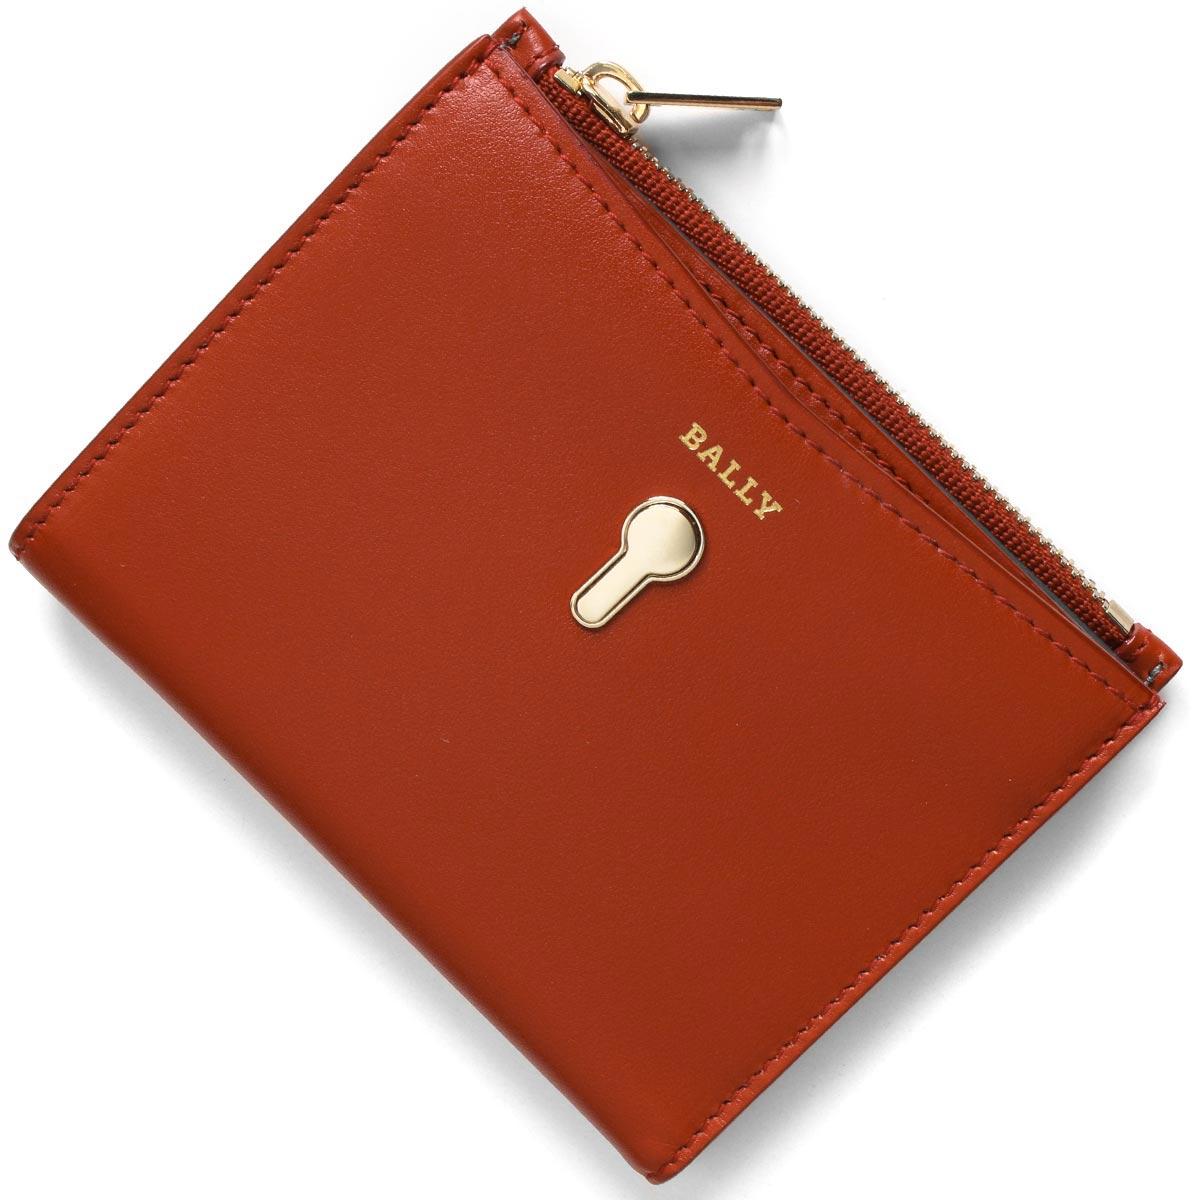 バリー 二つ折り財布 財布 レディース コーガン パパーヴェロレッド COGAN W 76 6226885 BALLY